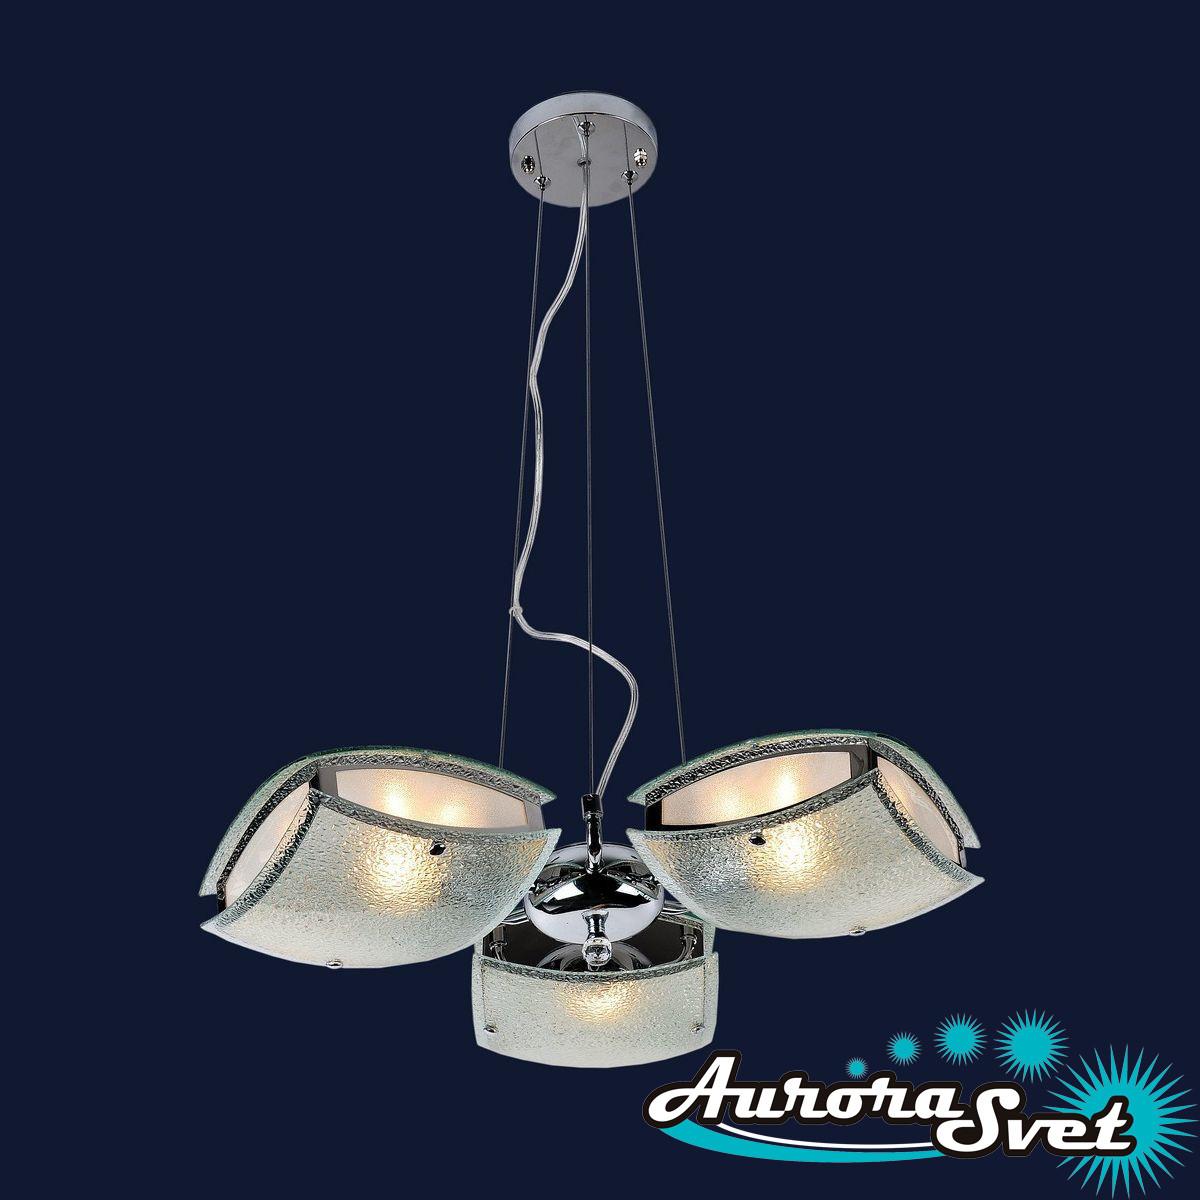 Люстра подвесная AuroraSvet 011. LED светильник люстра. Светодиодный светильник люстра.